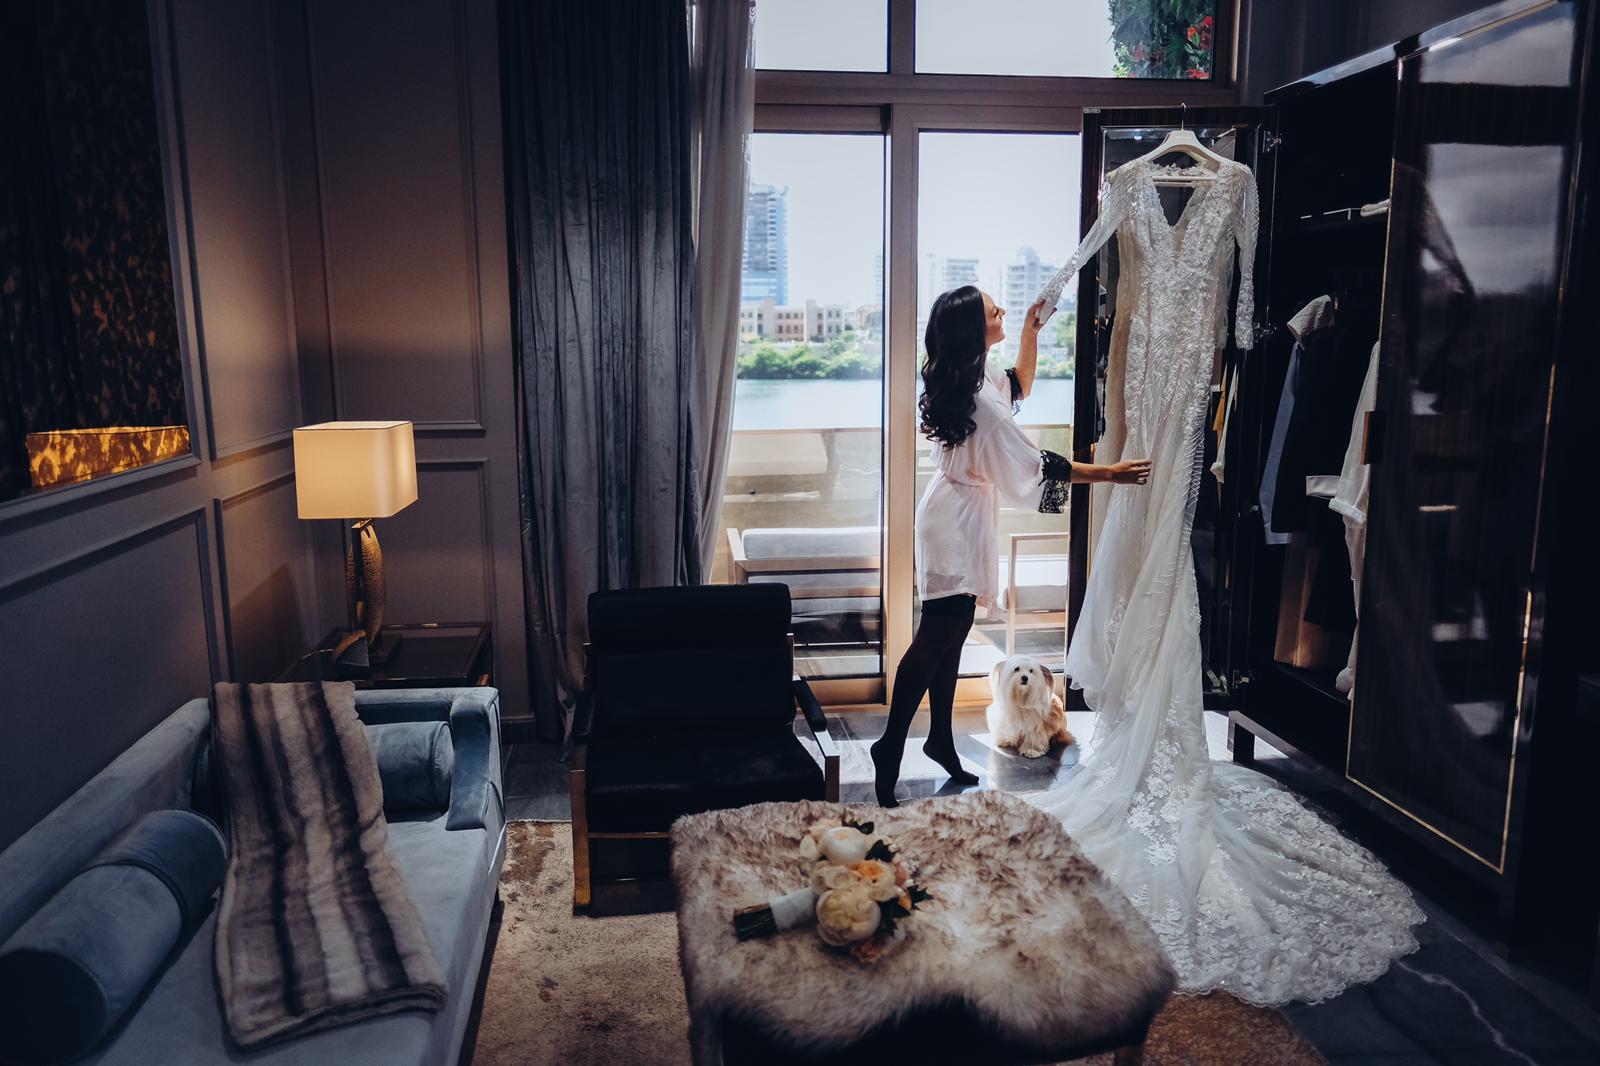 El vestido se destacó por el entalle, las transparencias y el encaje. (Foto: Emilio Leon Photography)